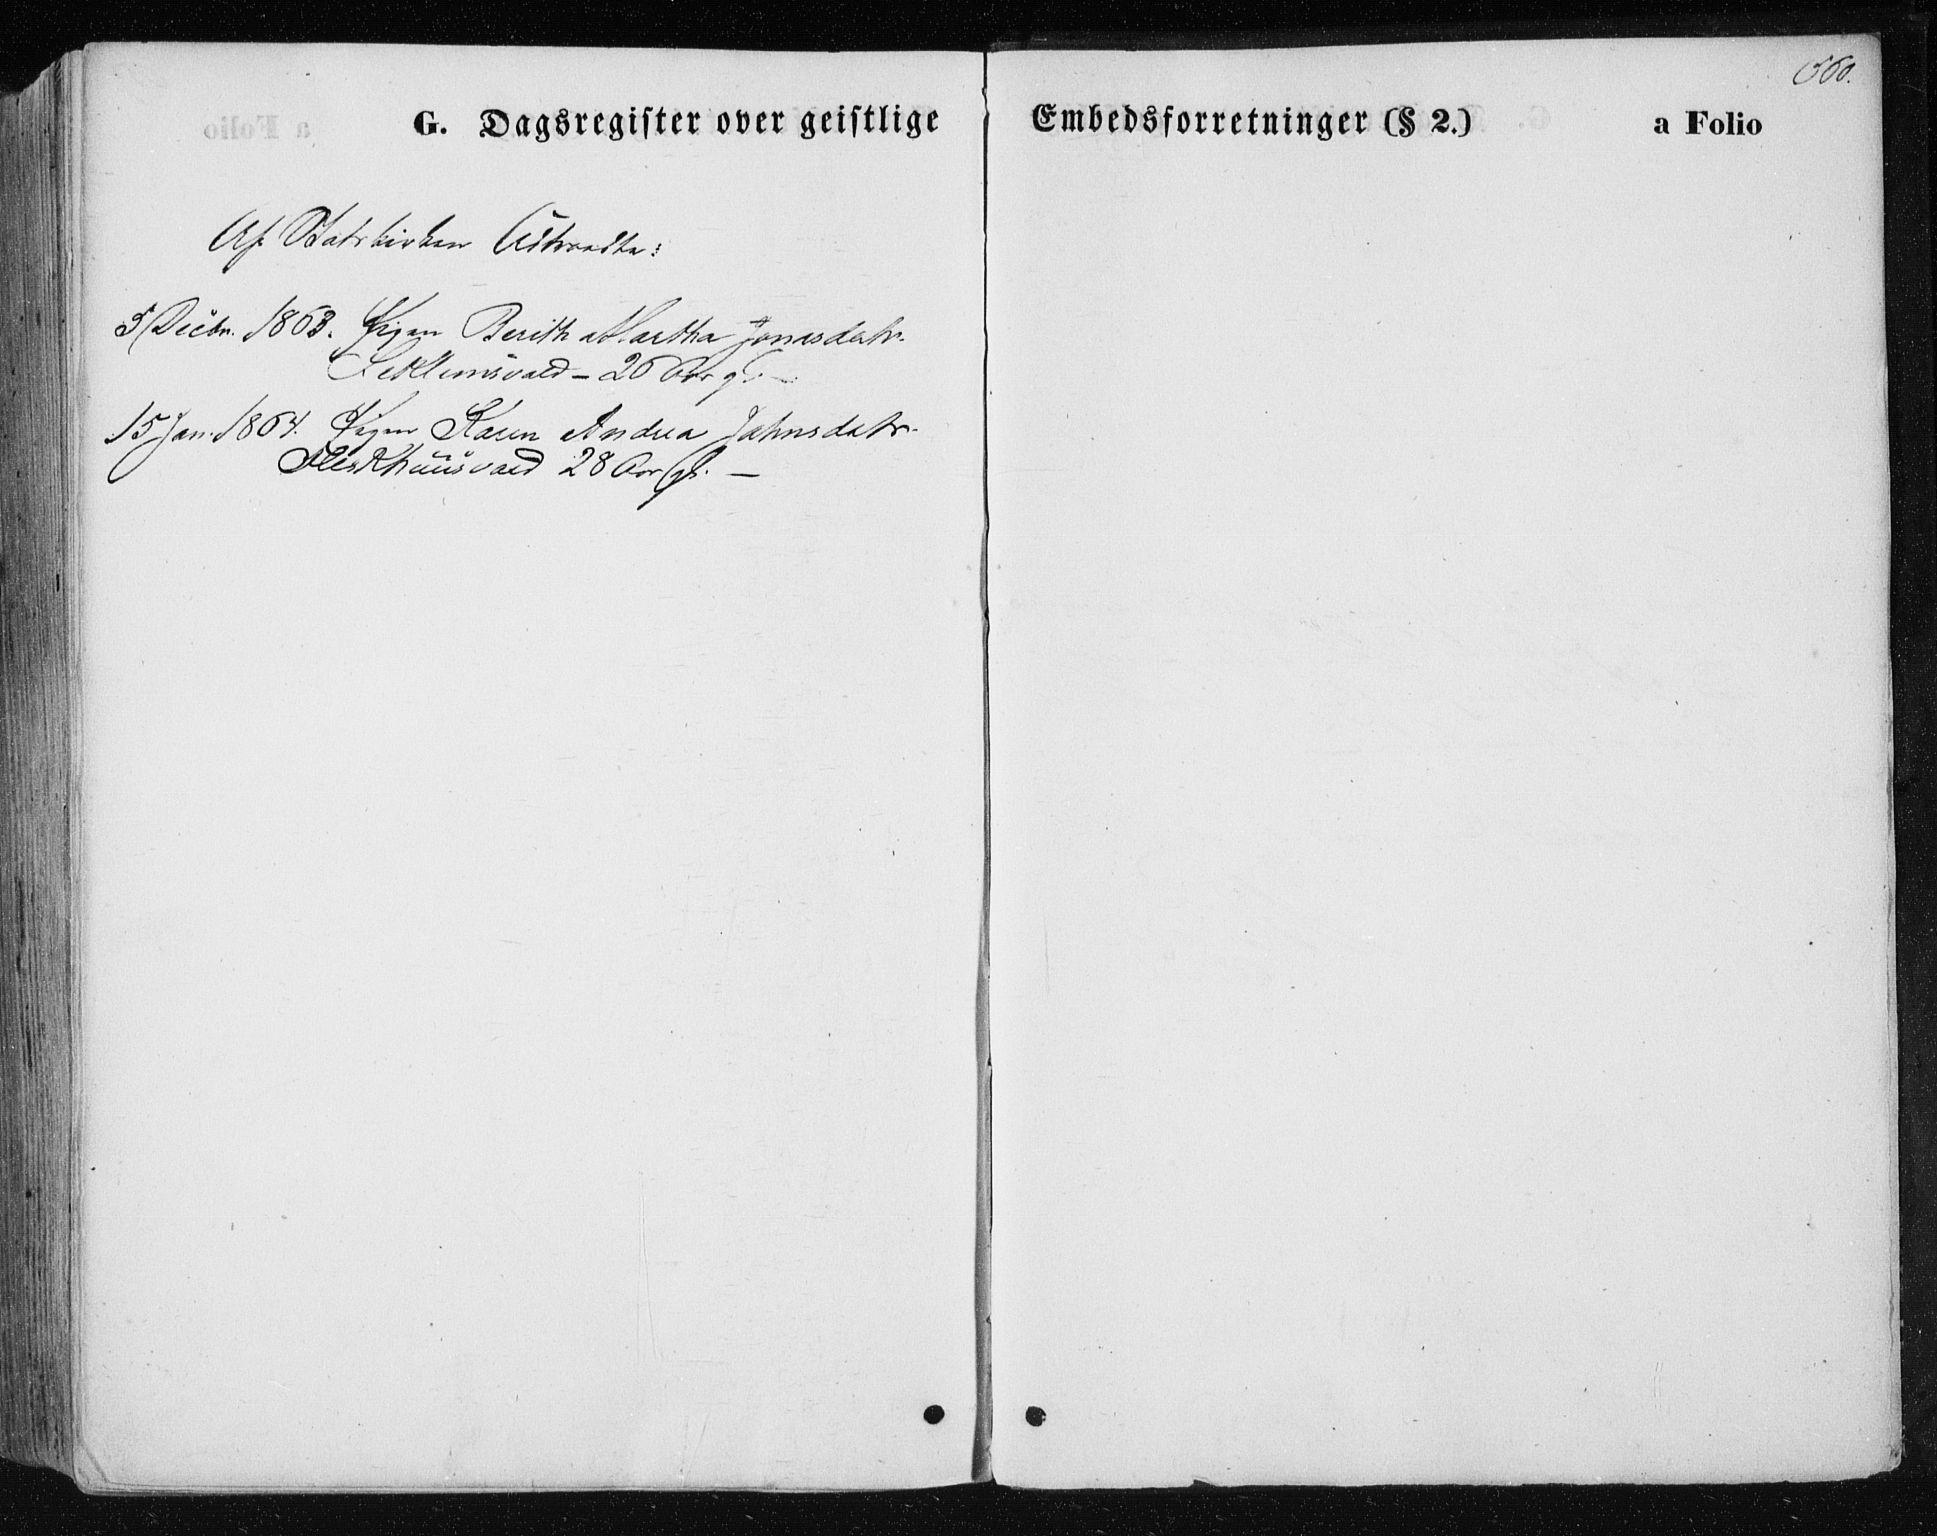 SAT, Ministerialprotokoller, klokkerbøker og fødselsregistre - Nord-Trøndelag, 723/L0241: Ministerialbok nr. 723A10, 1860-1869, s. 560